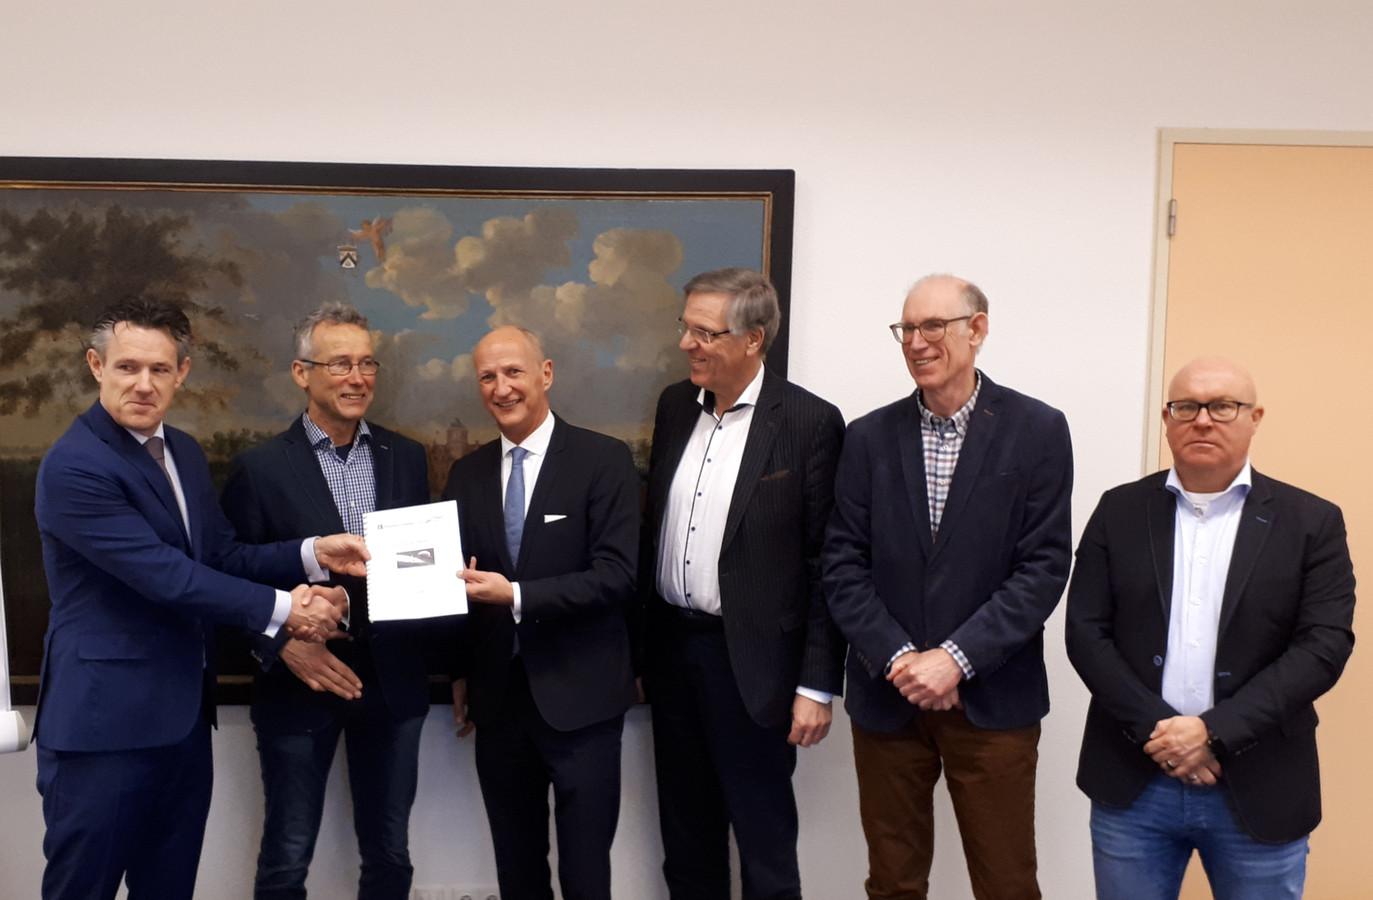 De voorzitters van OBD en Stadsraad Domburg Frans Provoost en Simon de Visser (vlnr) overhandigen hun voorstel voor een autoluw centrum Domburg aan burgemeester Rob van der Zwaag en de wethouders Arie Schot, Bert van Halderen en Marcel Steketee.